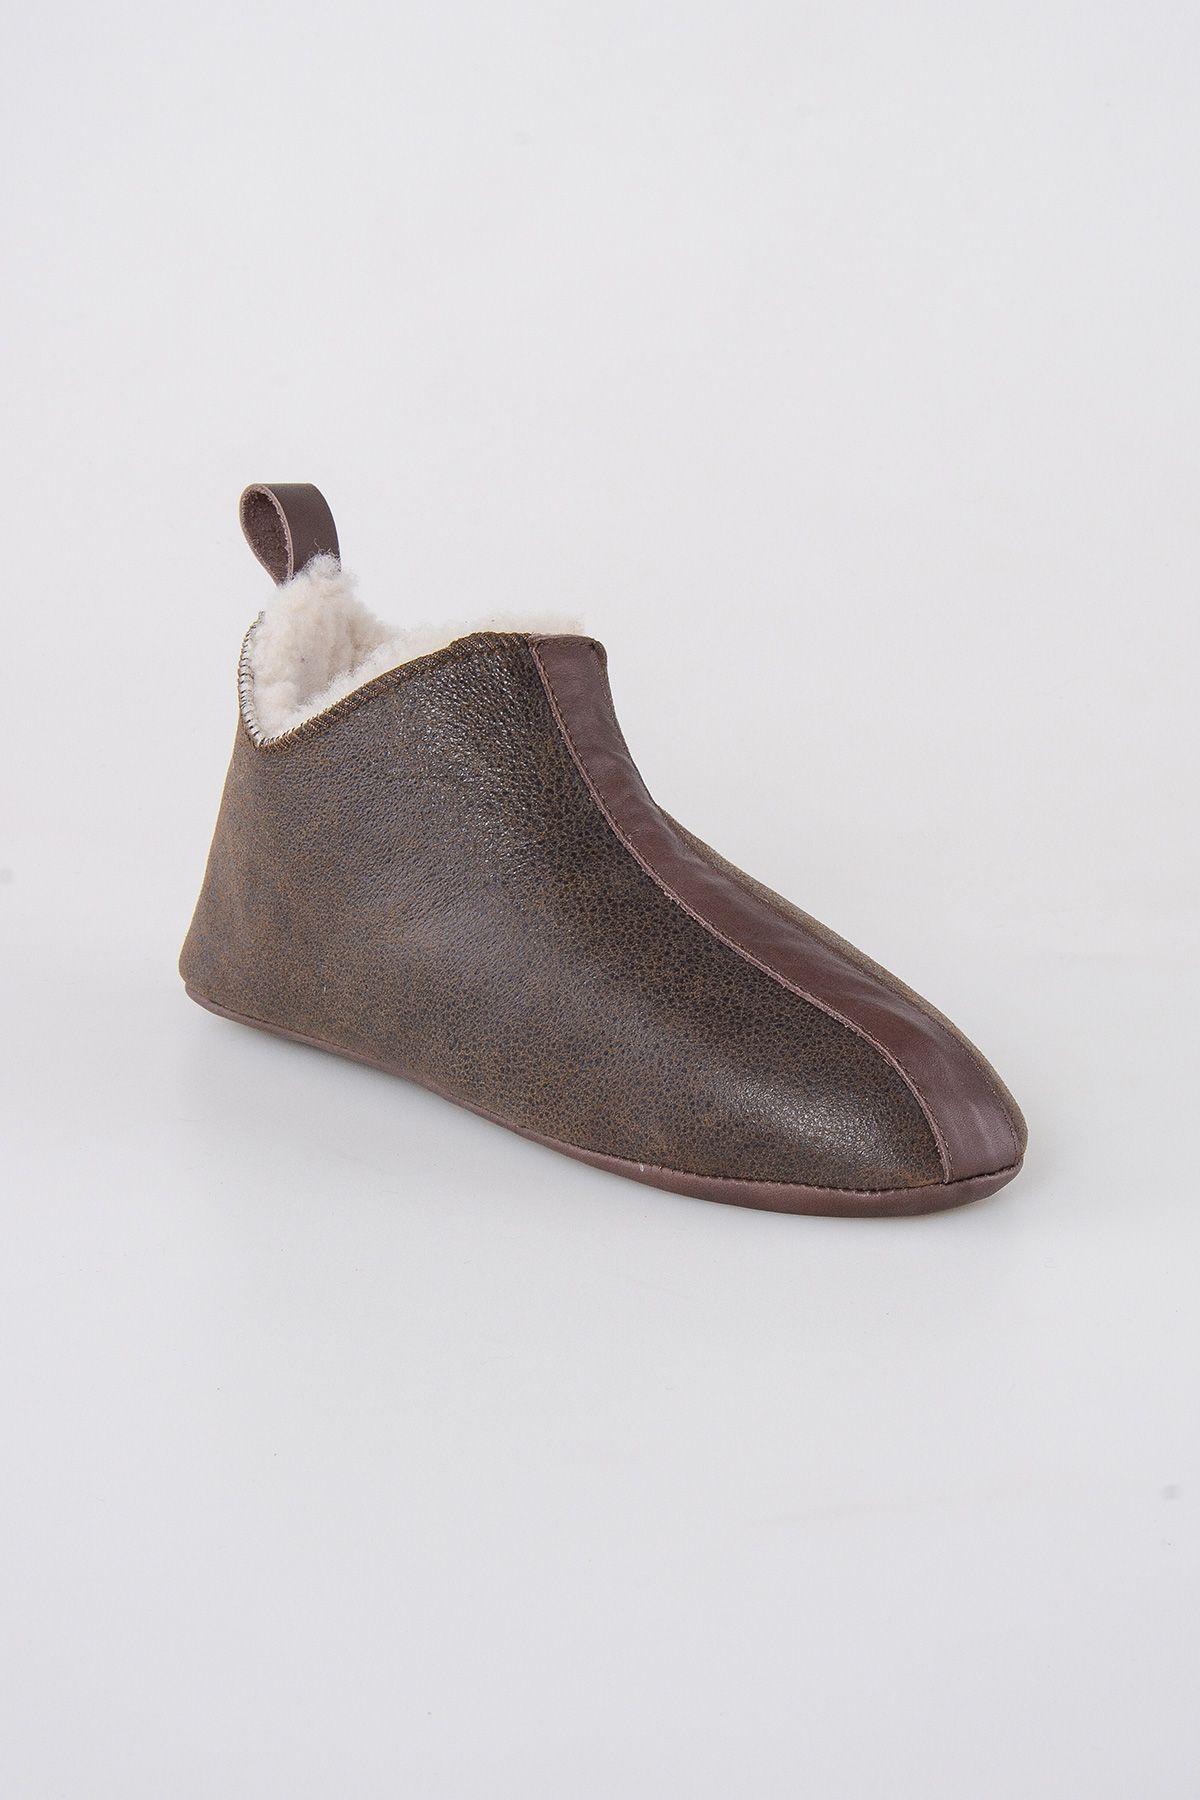 Pegia Hakiki Kürklü  Erkek Ev Ayakkabısı 111008 Koyu Kahve